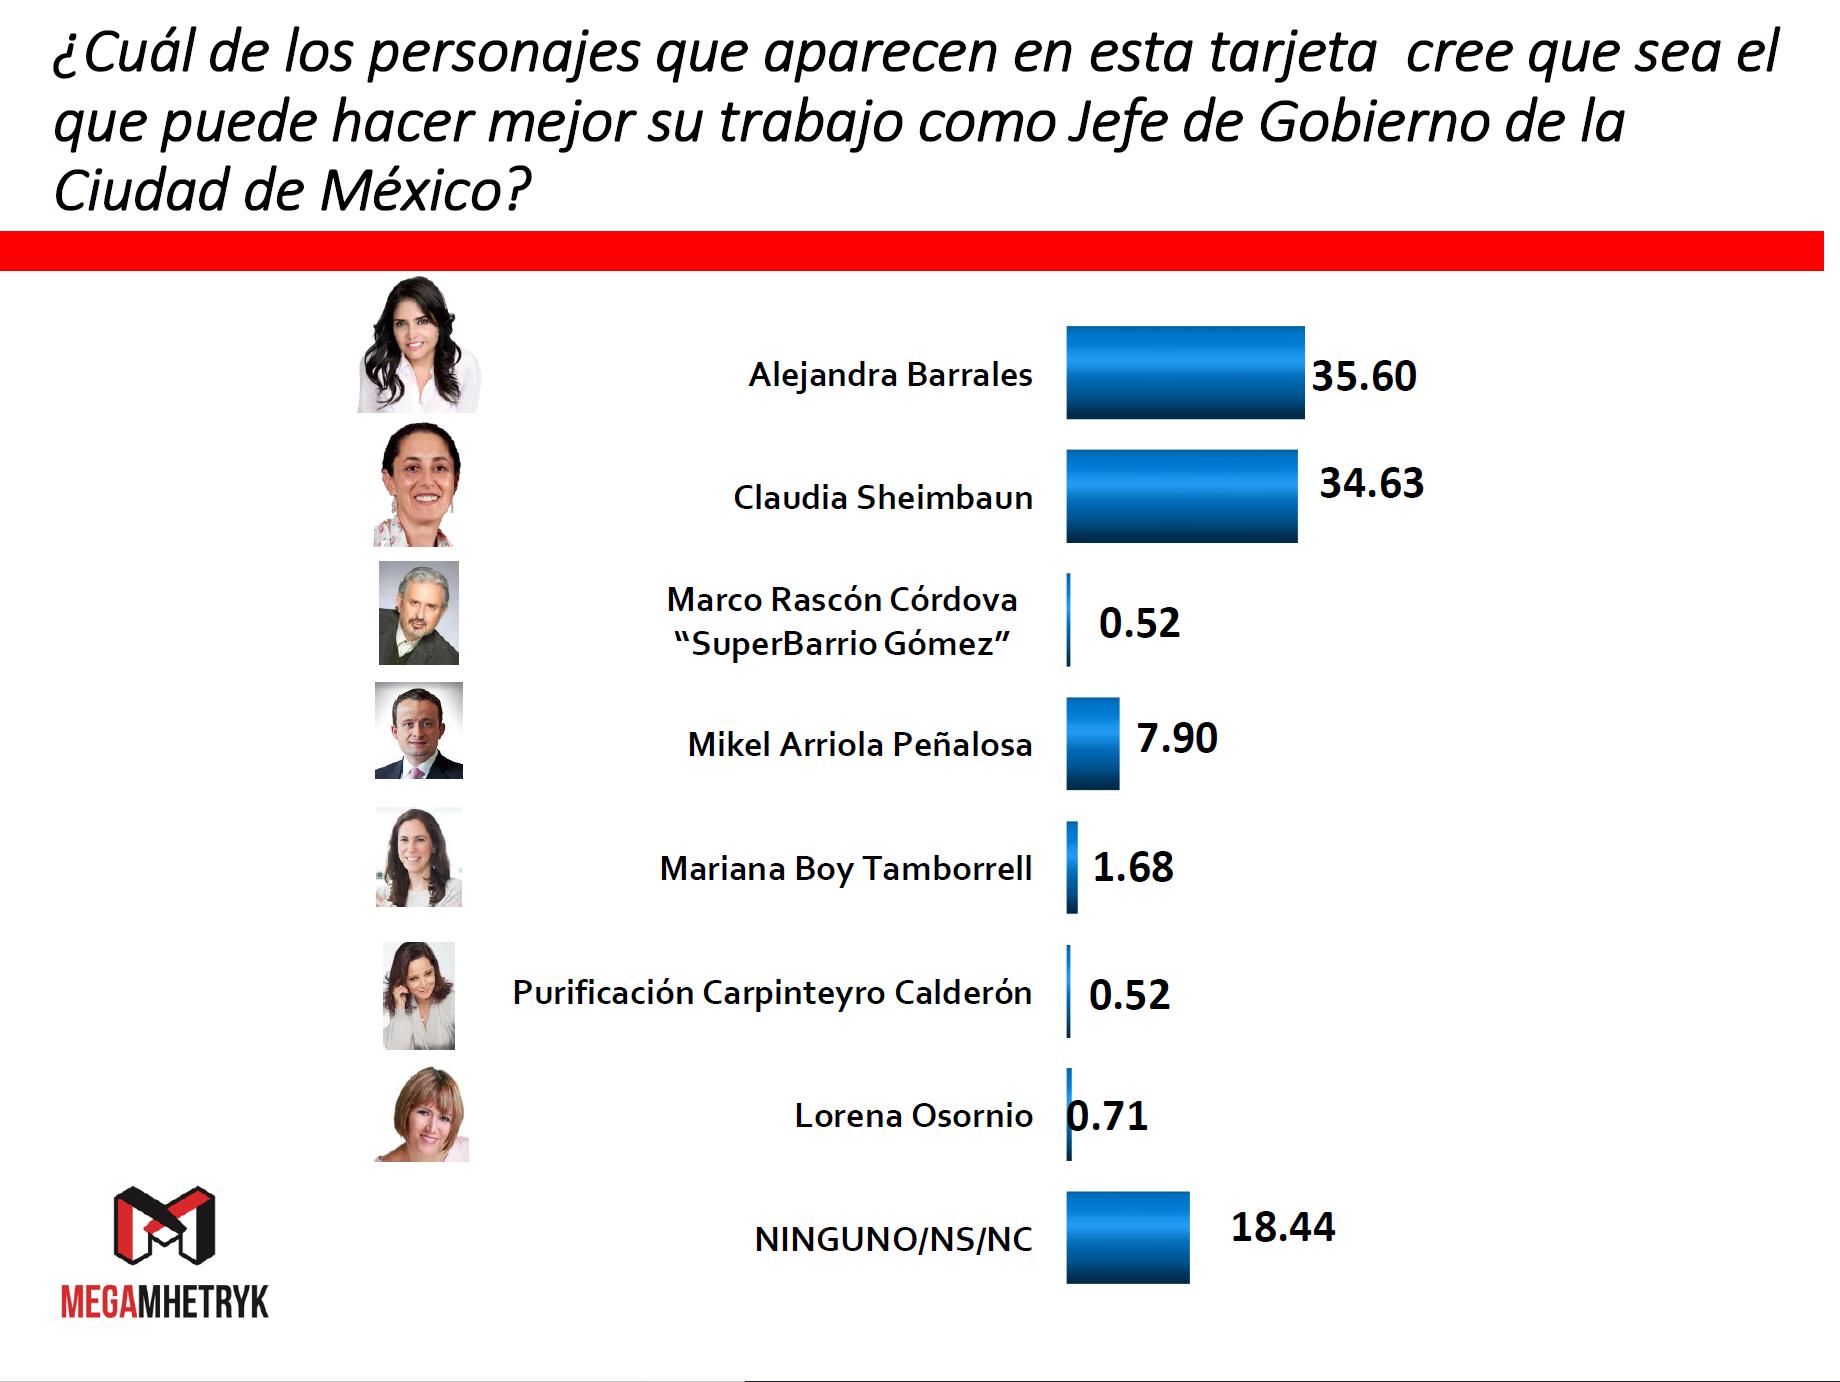 De acuerdo con el estudio de opinión pública, elaborado por la empresa en demoscopia MegaMhetryk, Barrales tiene 37% de preferencias, en tanto que Sheinbaum suma 37.7% con un 15% que respondió Ninguno, no sabe, o no contestó.